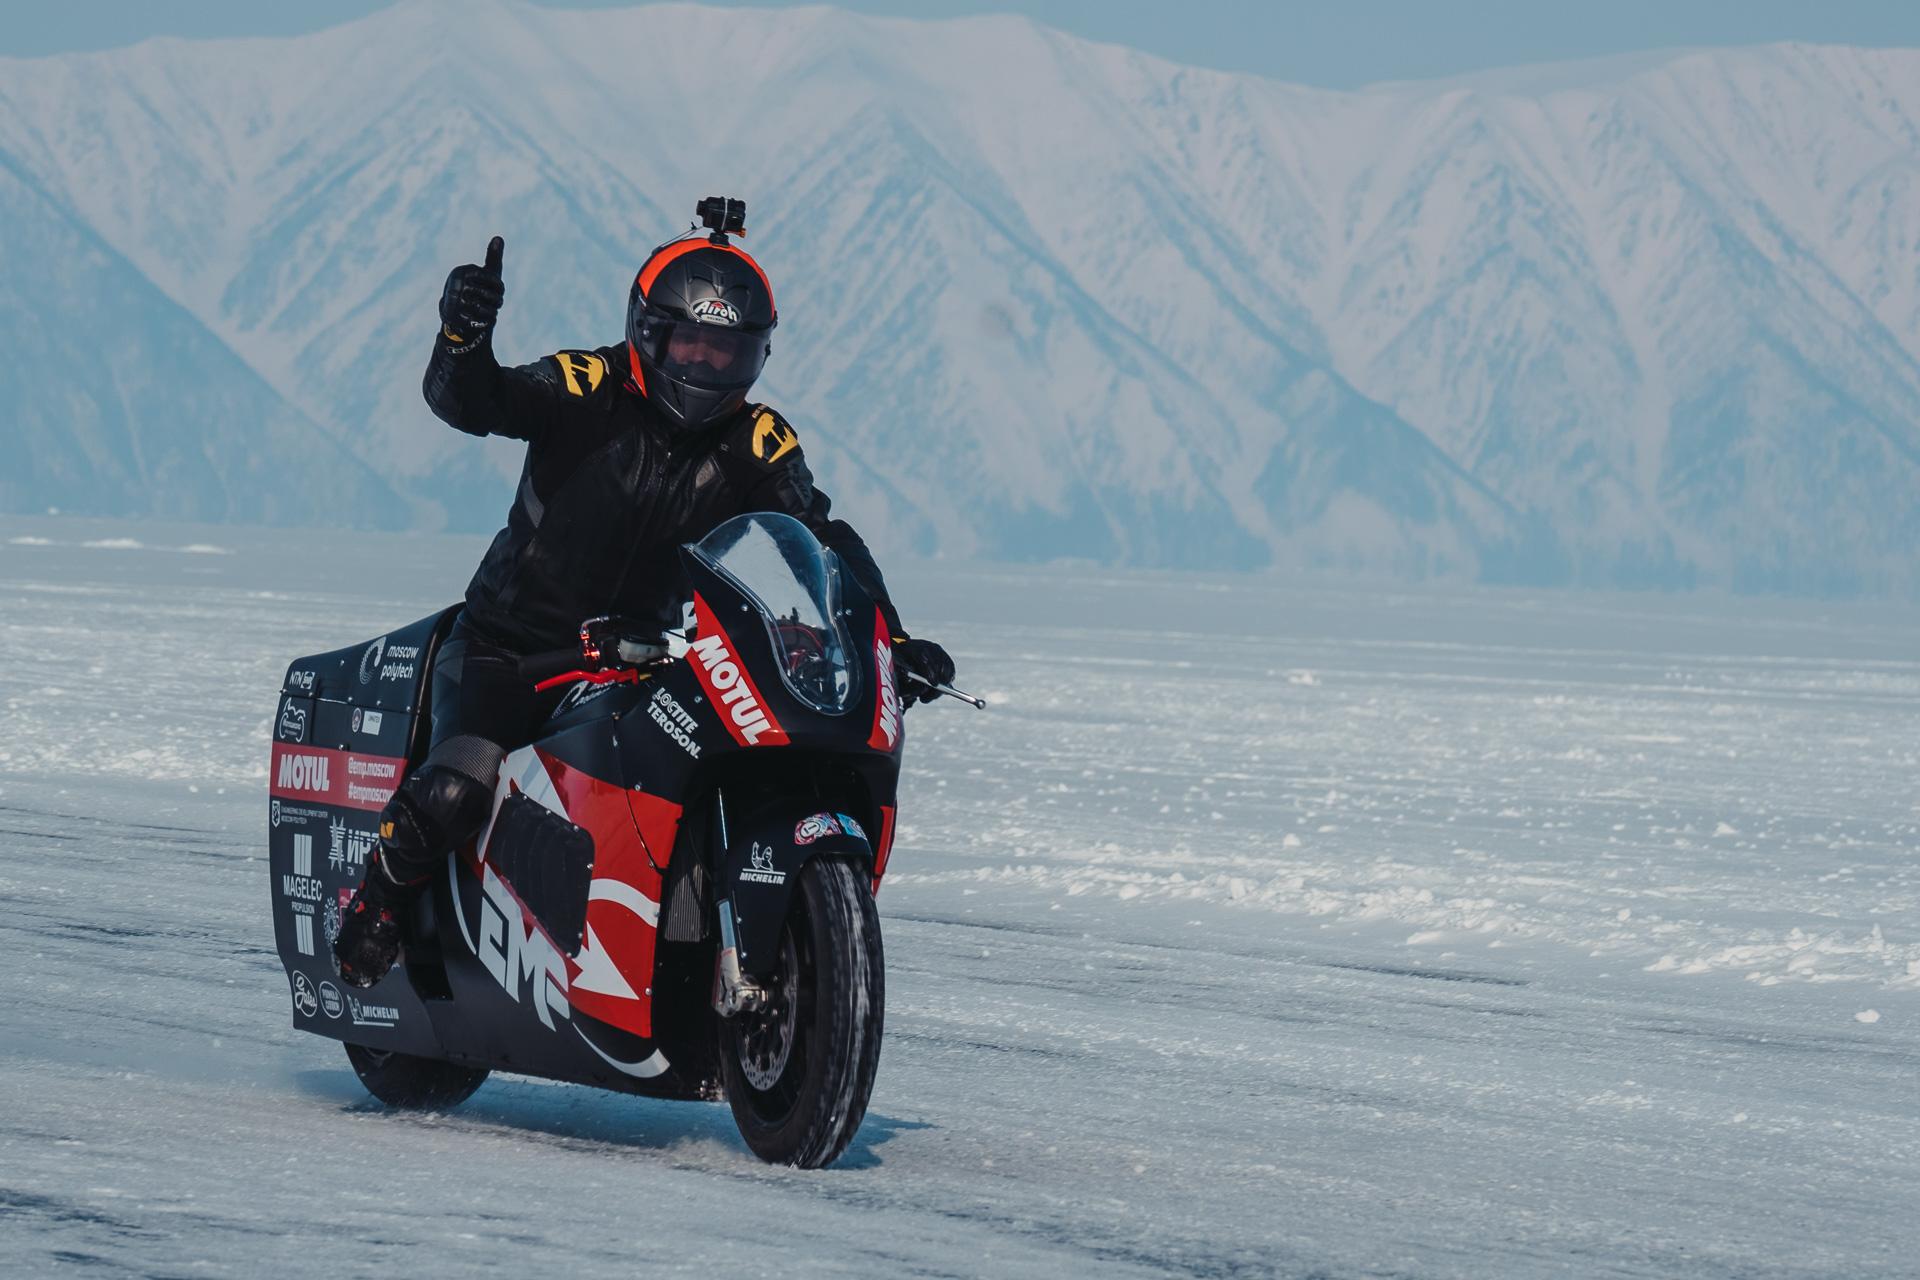 Байкальская Миля 2020 - Михин Михаил Электромотоцикл EMP MiG EMP (Московсксий политех)